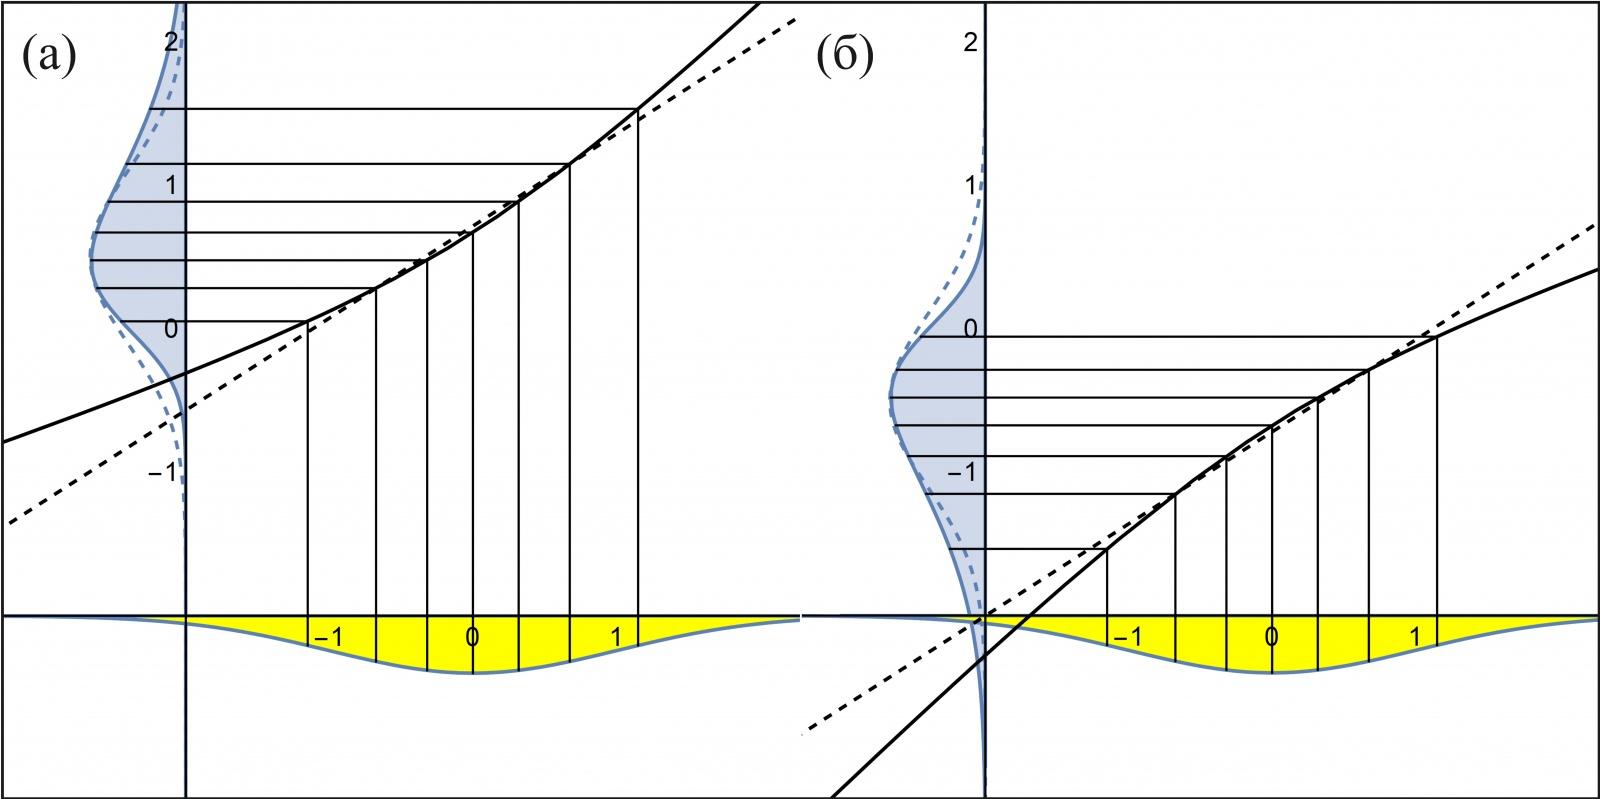 Рис. 7: (а) Зависимость квантилей скошенного нормального распределения SkewNormalDistr(0, 1, 3) от теоретических квантилей стандартного нормального распределения N(0, 1). (б) Зависимость квантилей скошенного нормального распределения SkewNormalDistr(0, 1, -3)от тех же теоретических.